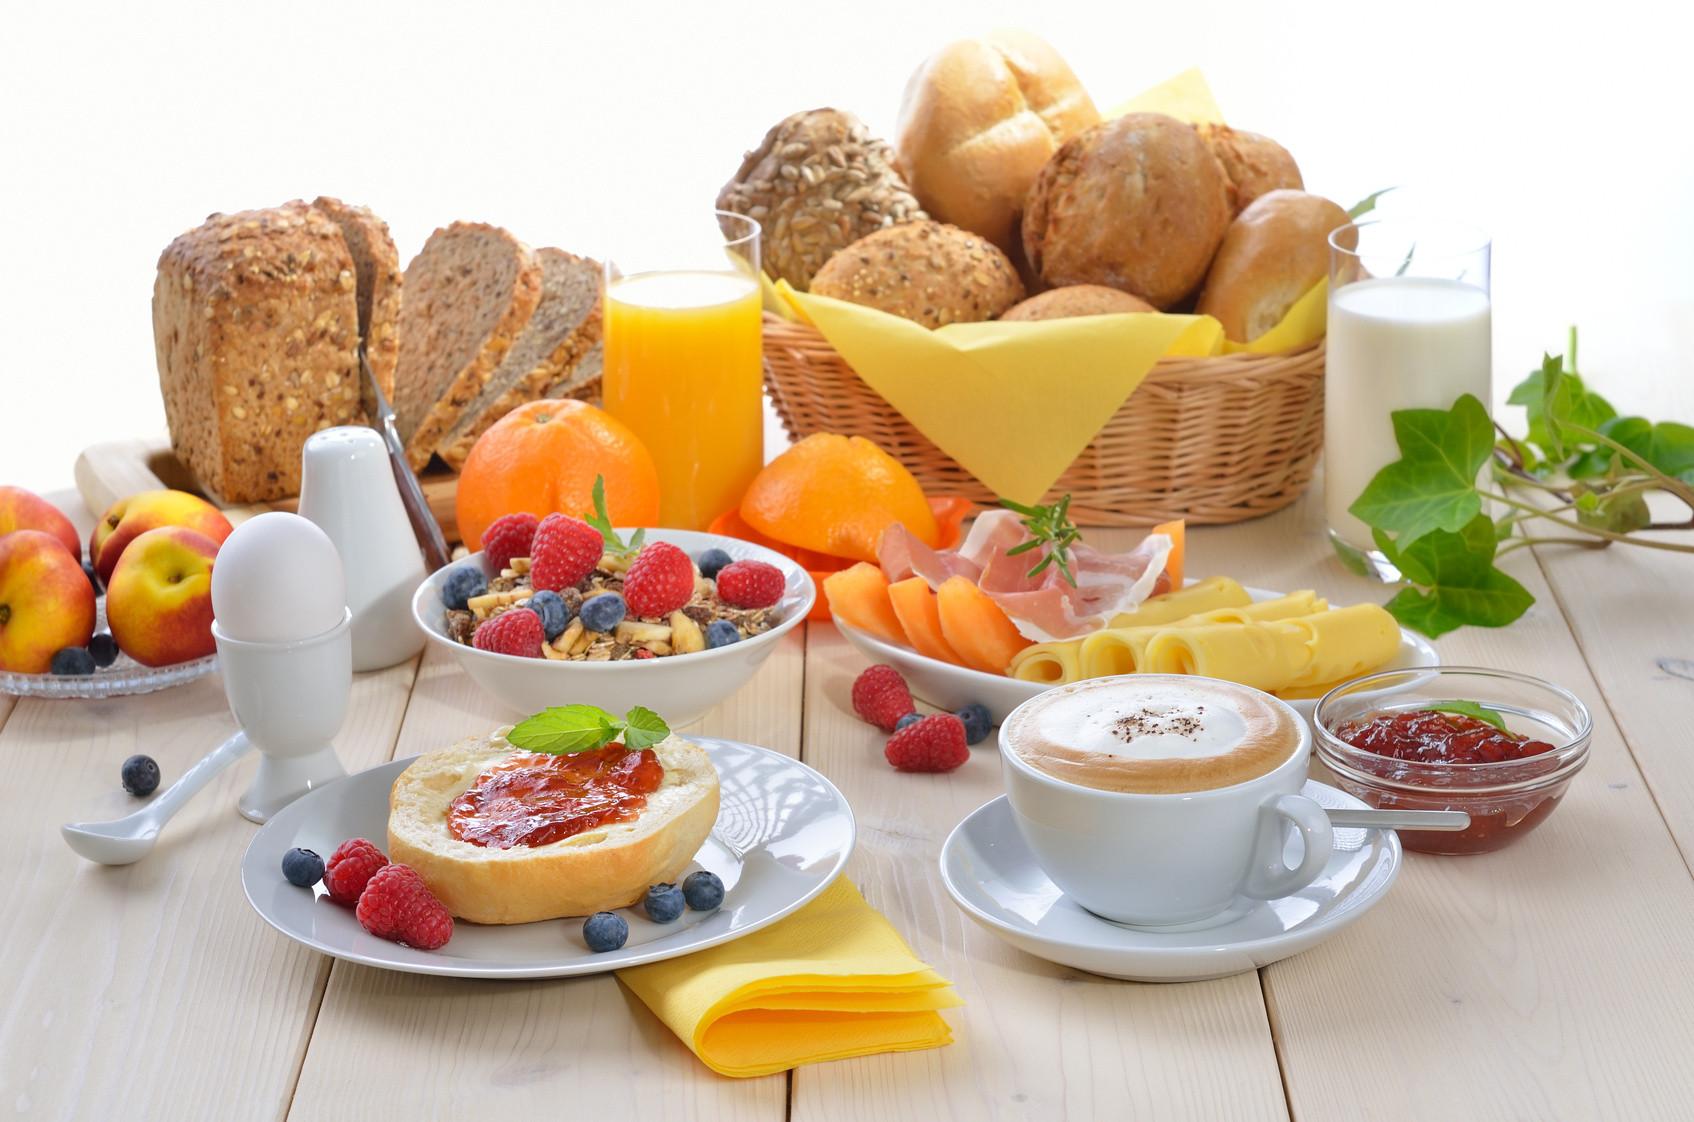 Healthy Breakfast Meat  Top 20 Healthy Breakfast Ideas For Winter eBlogfa